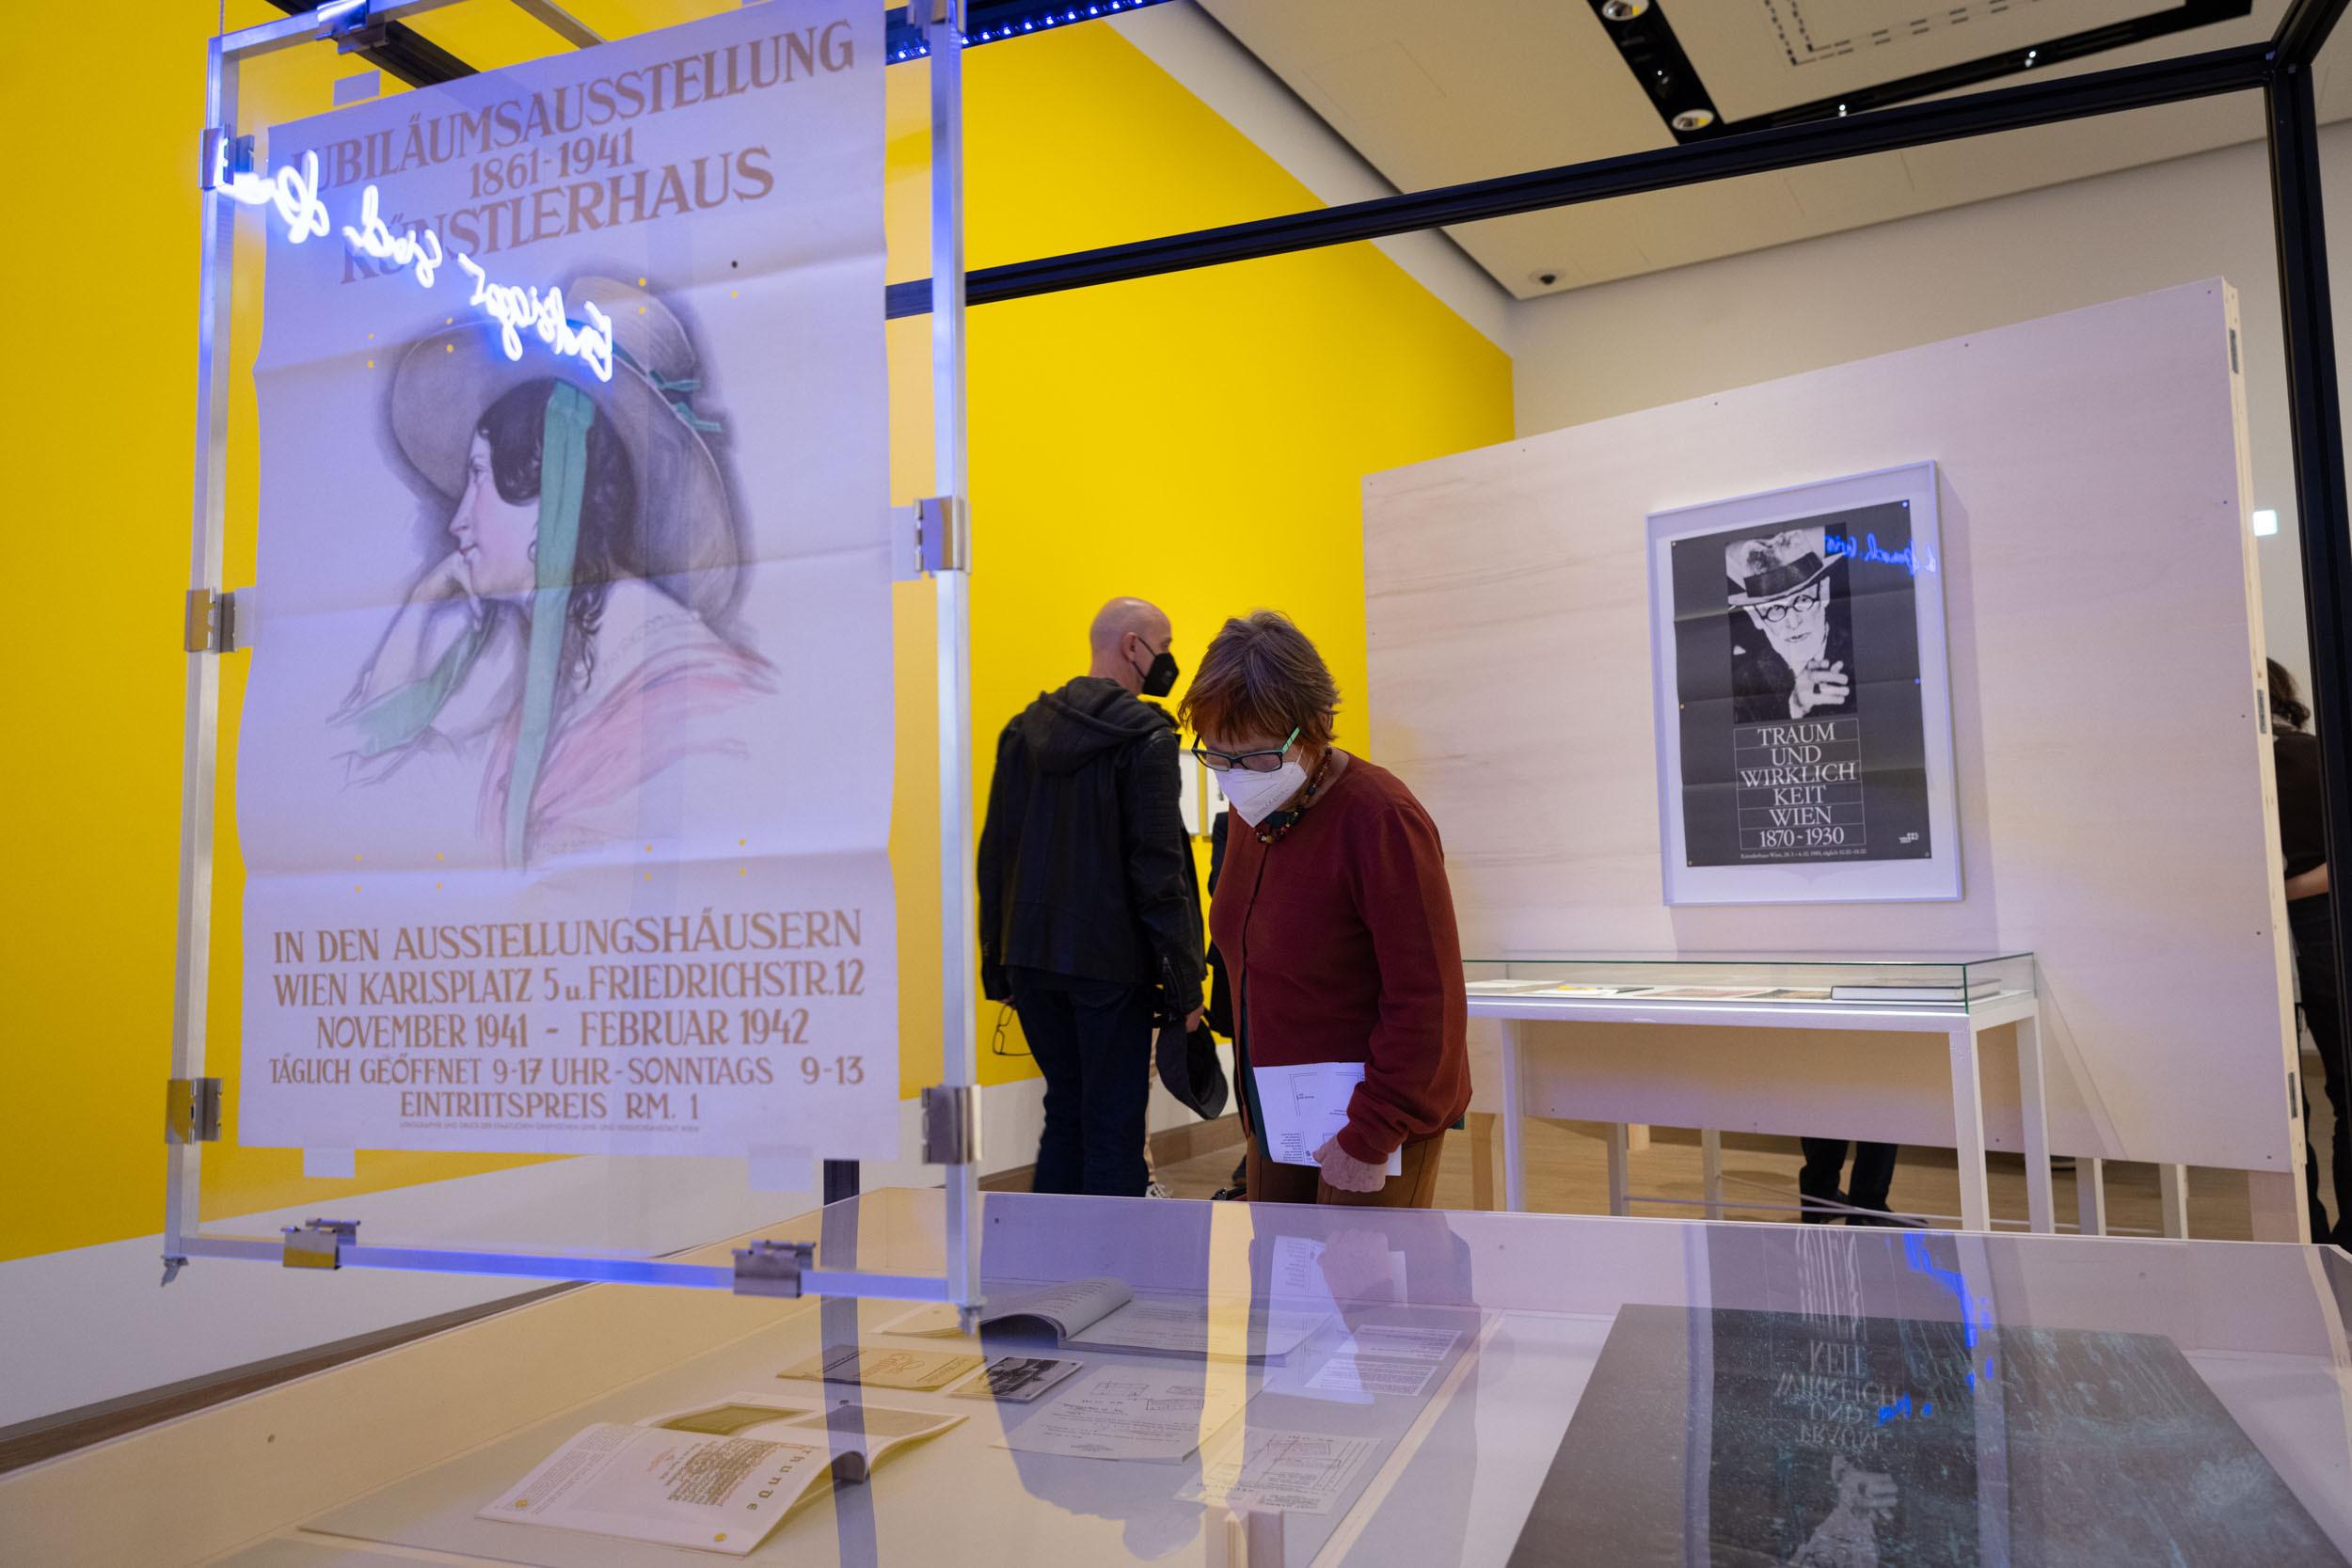 eSeL Foto: Eröffnung Dispossession (Künstlerhaus, 23.9.2021 - 16.1.2022)